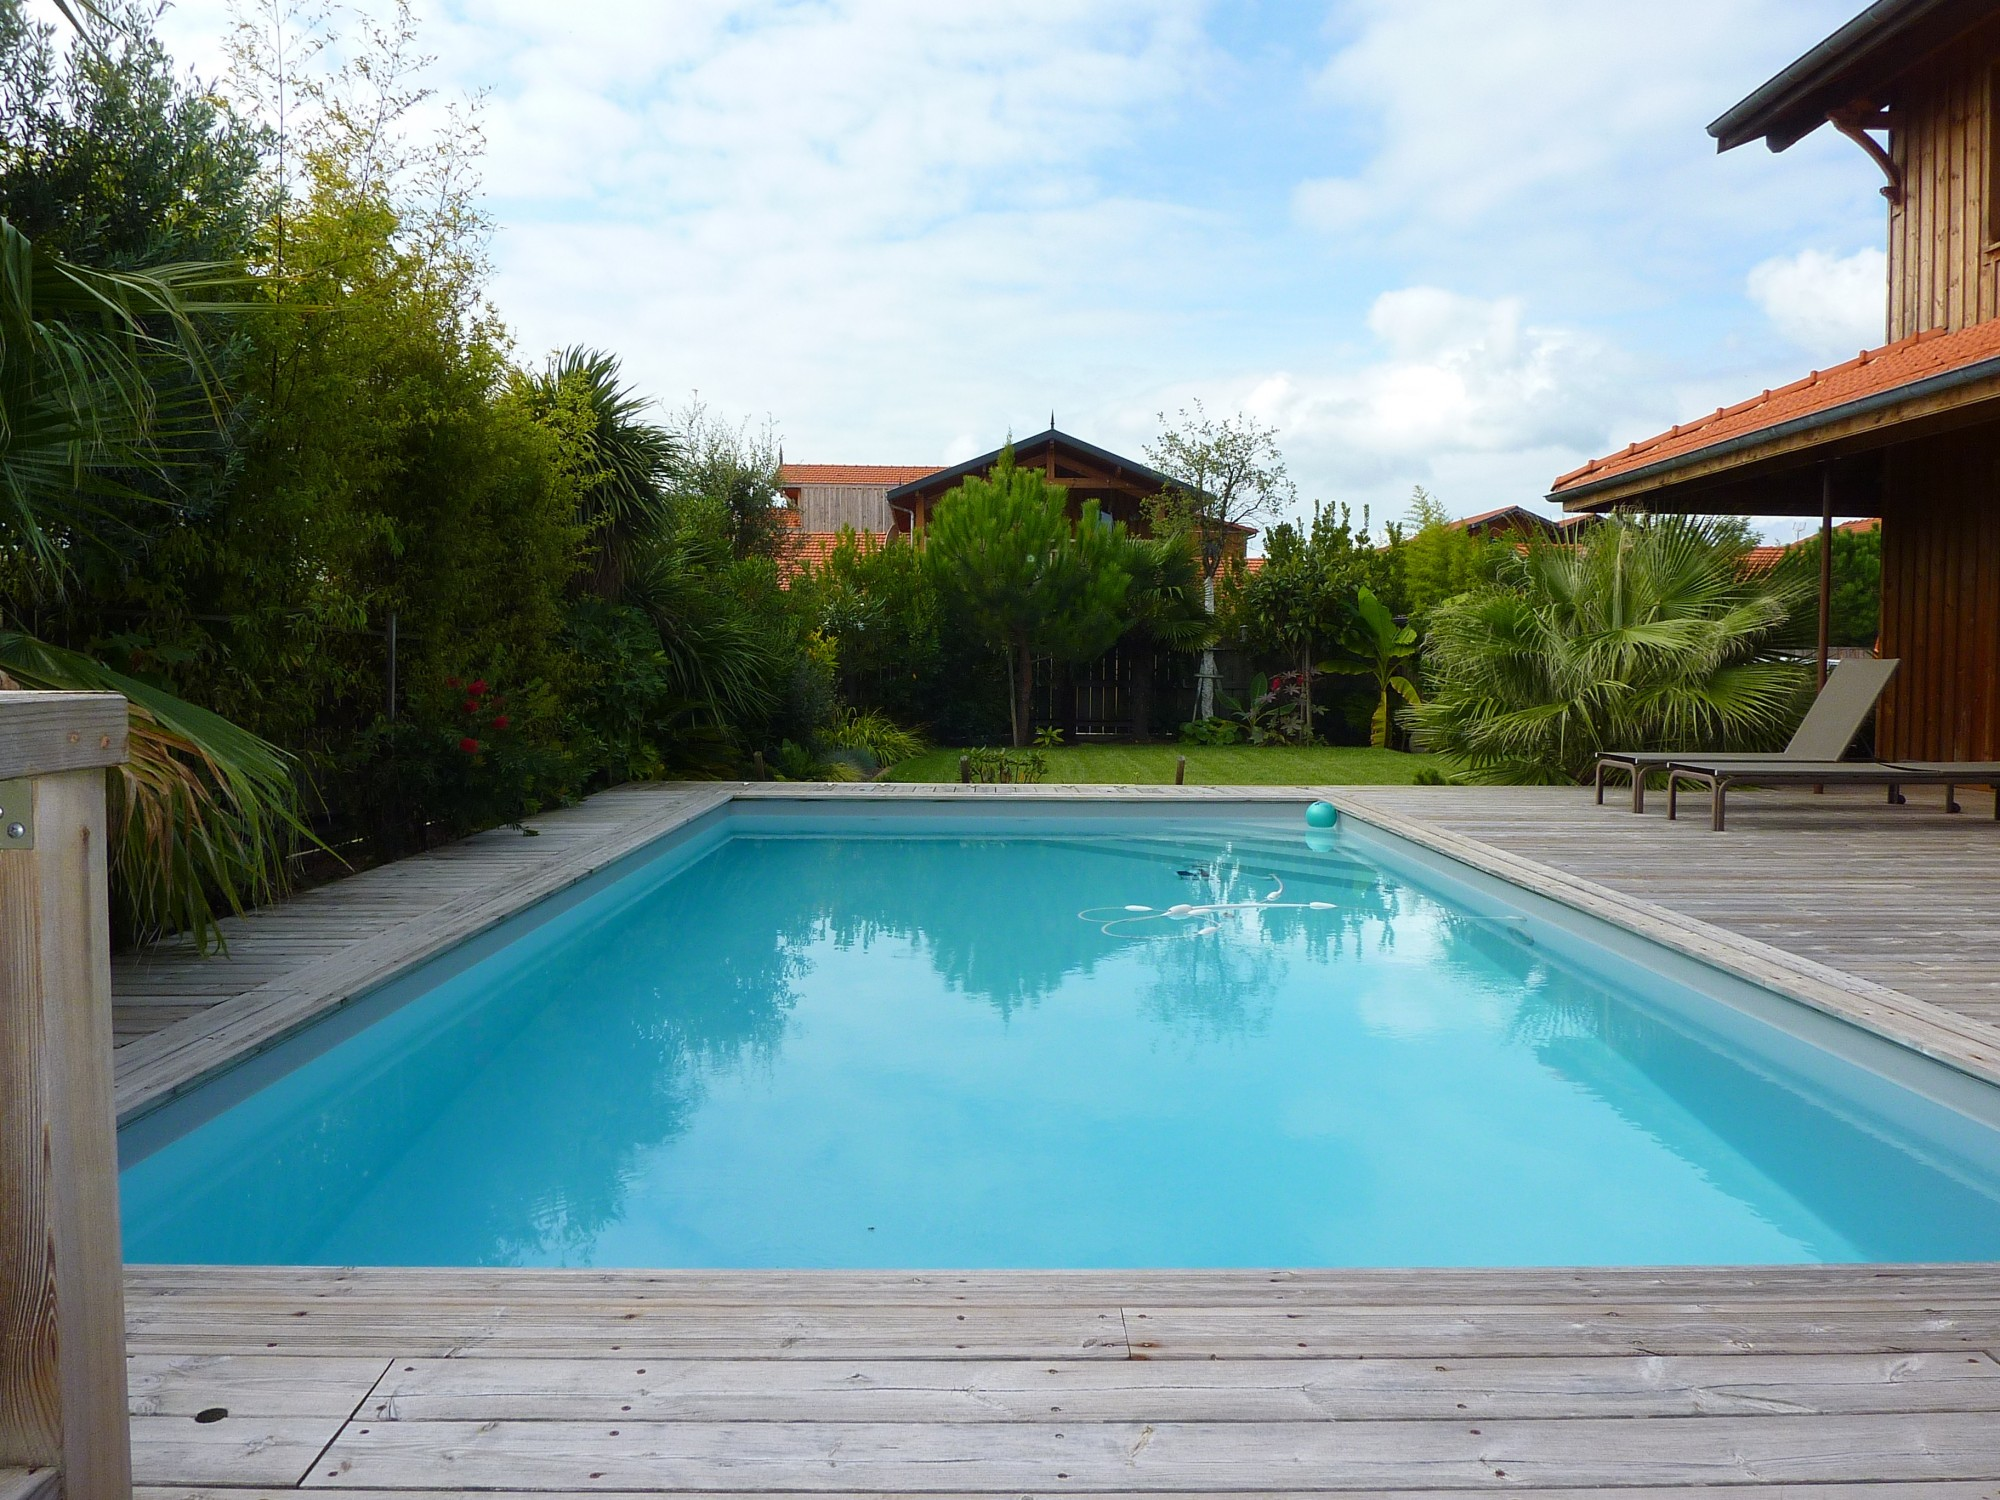 Camping bassin arcachon avec piscine vente villa avec for Camping blois avec piscine